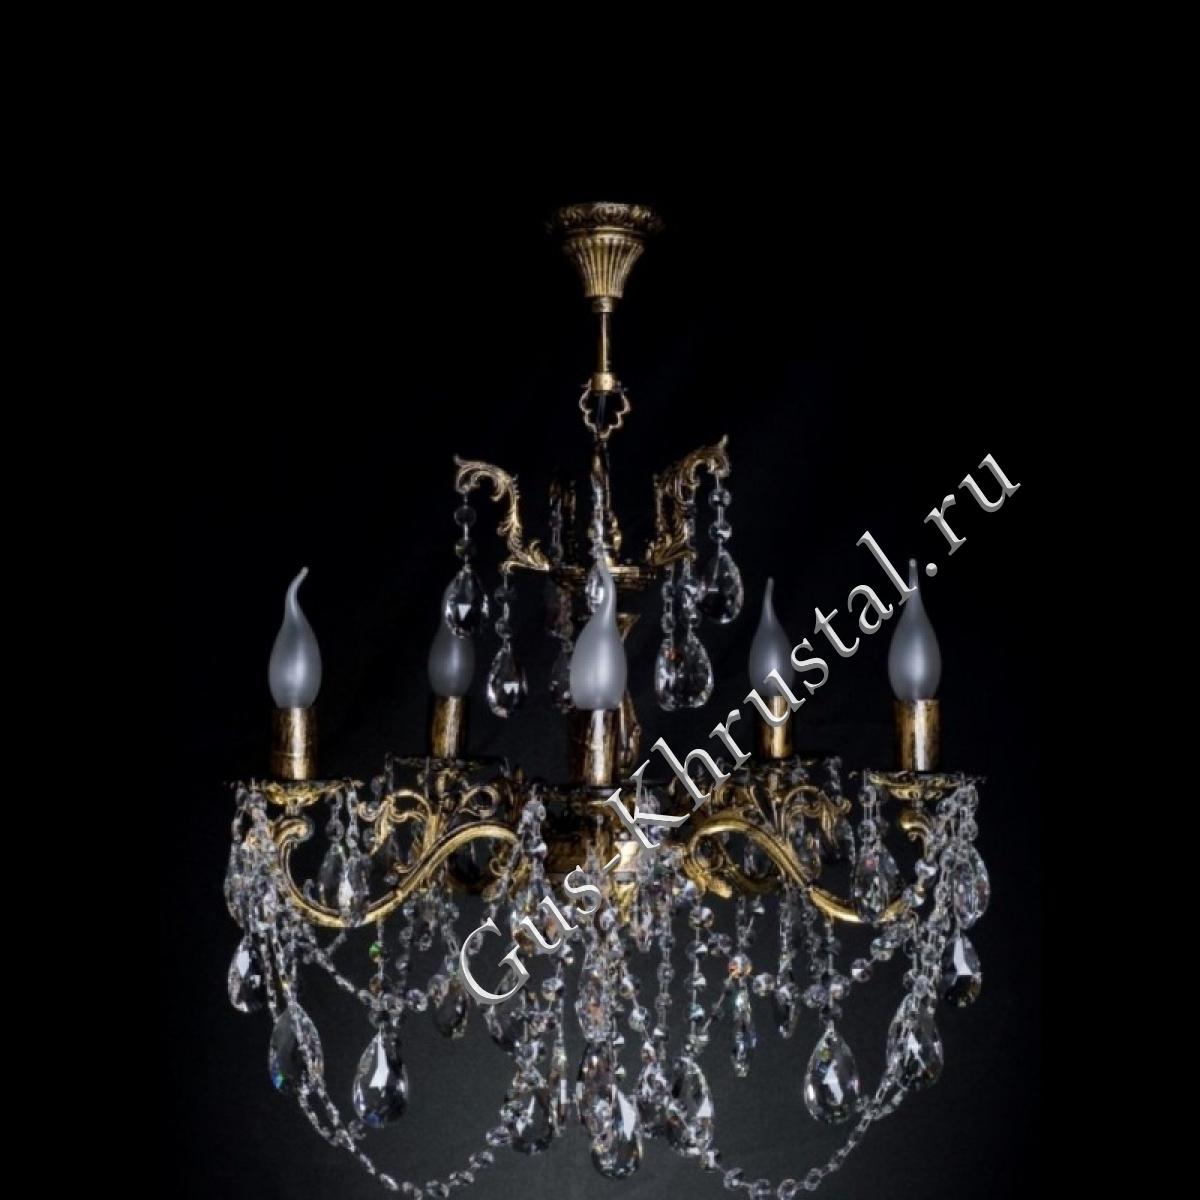 Люстра бронзовая № 2 (5 ламп)